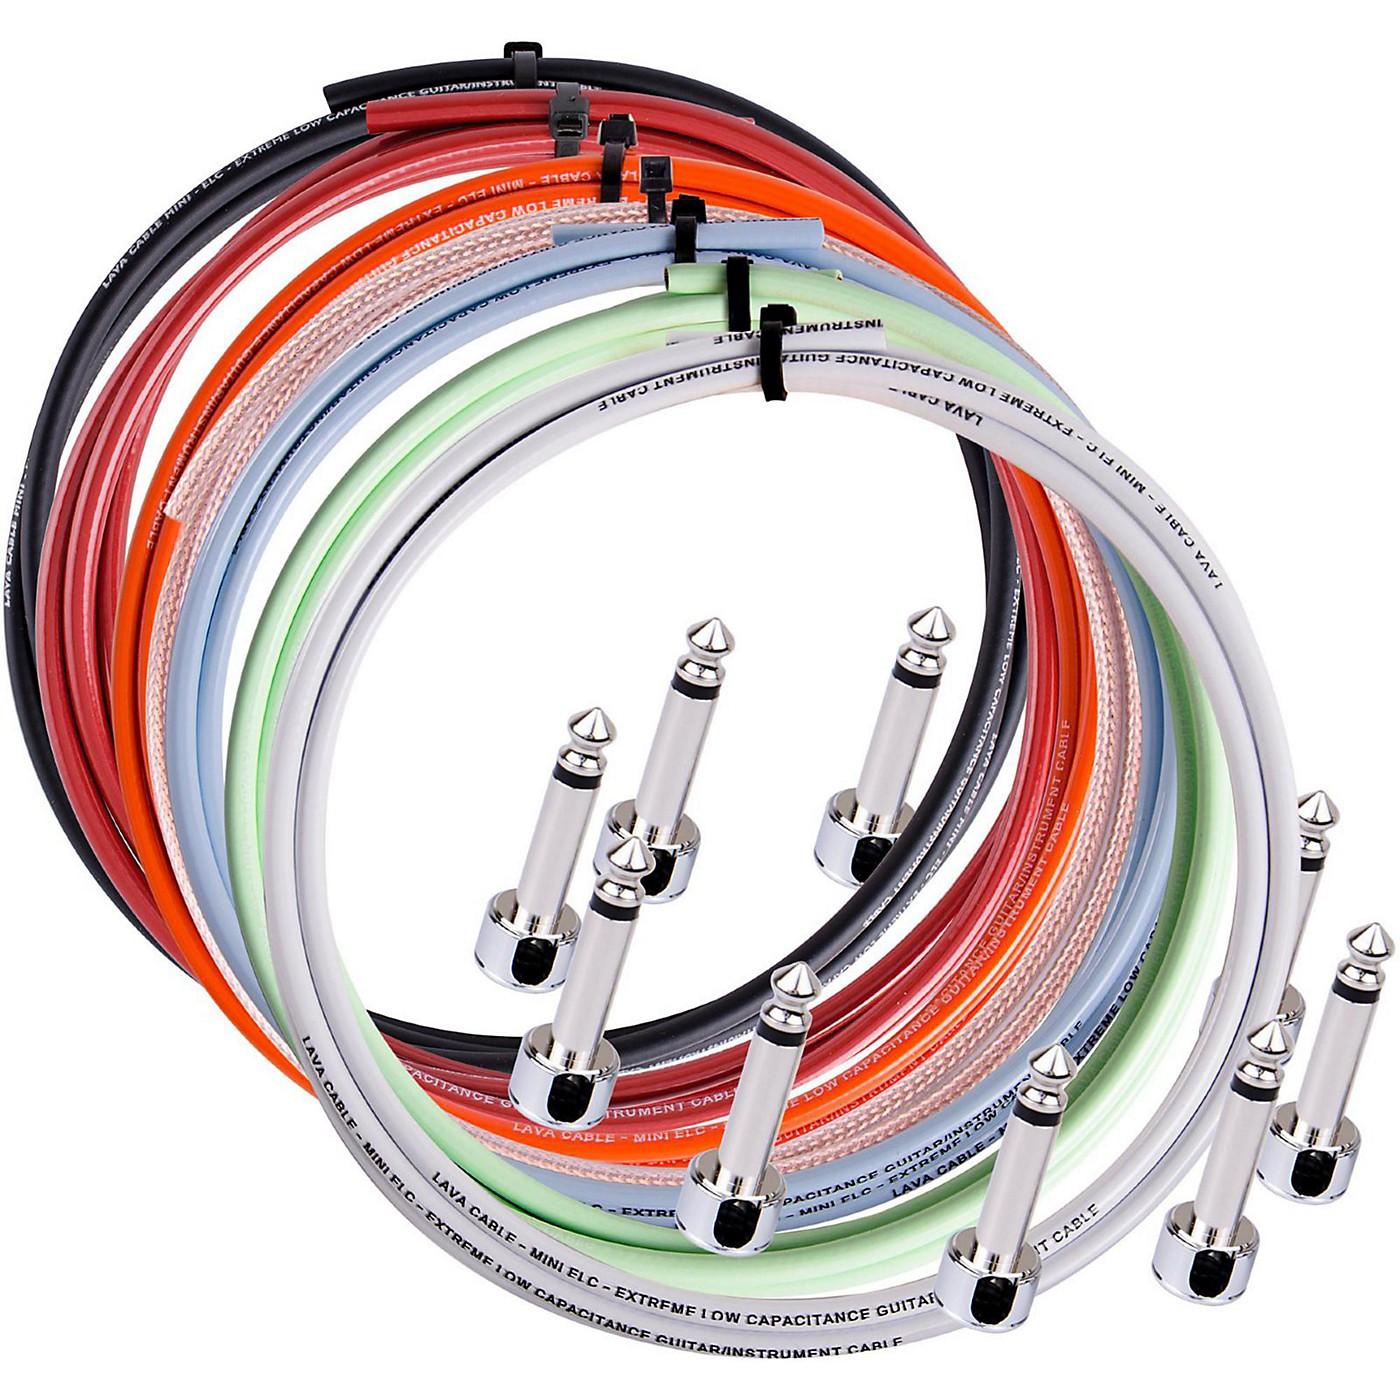 Lava Piston Solder-Free Mini Ultramafic Right Angle Cable Kit thumbnail